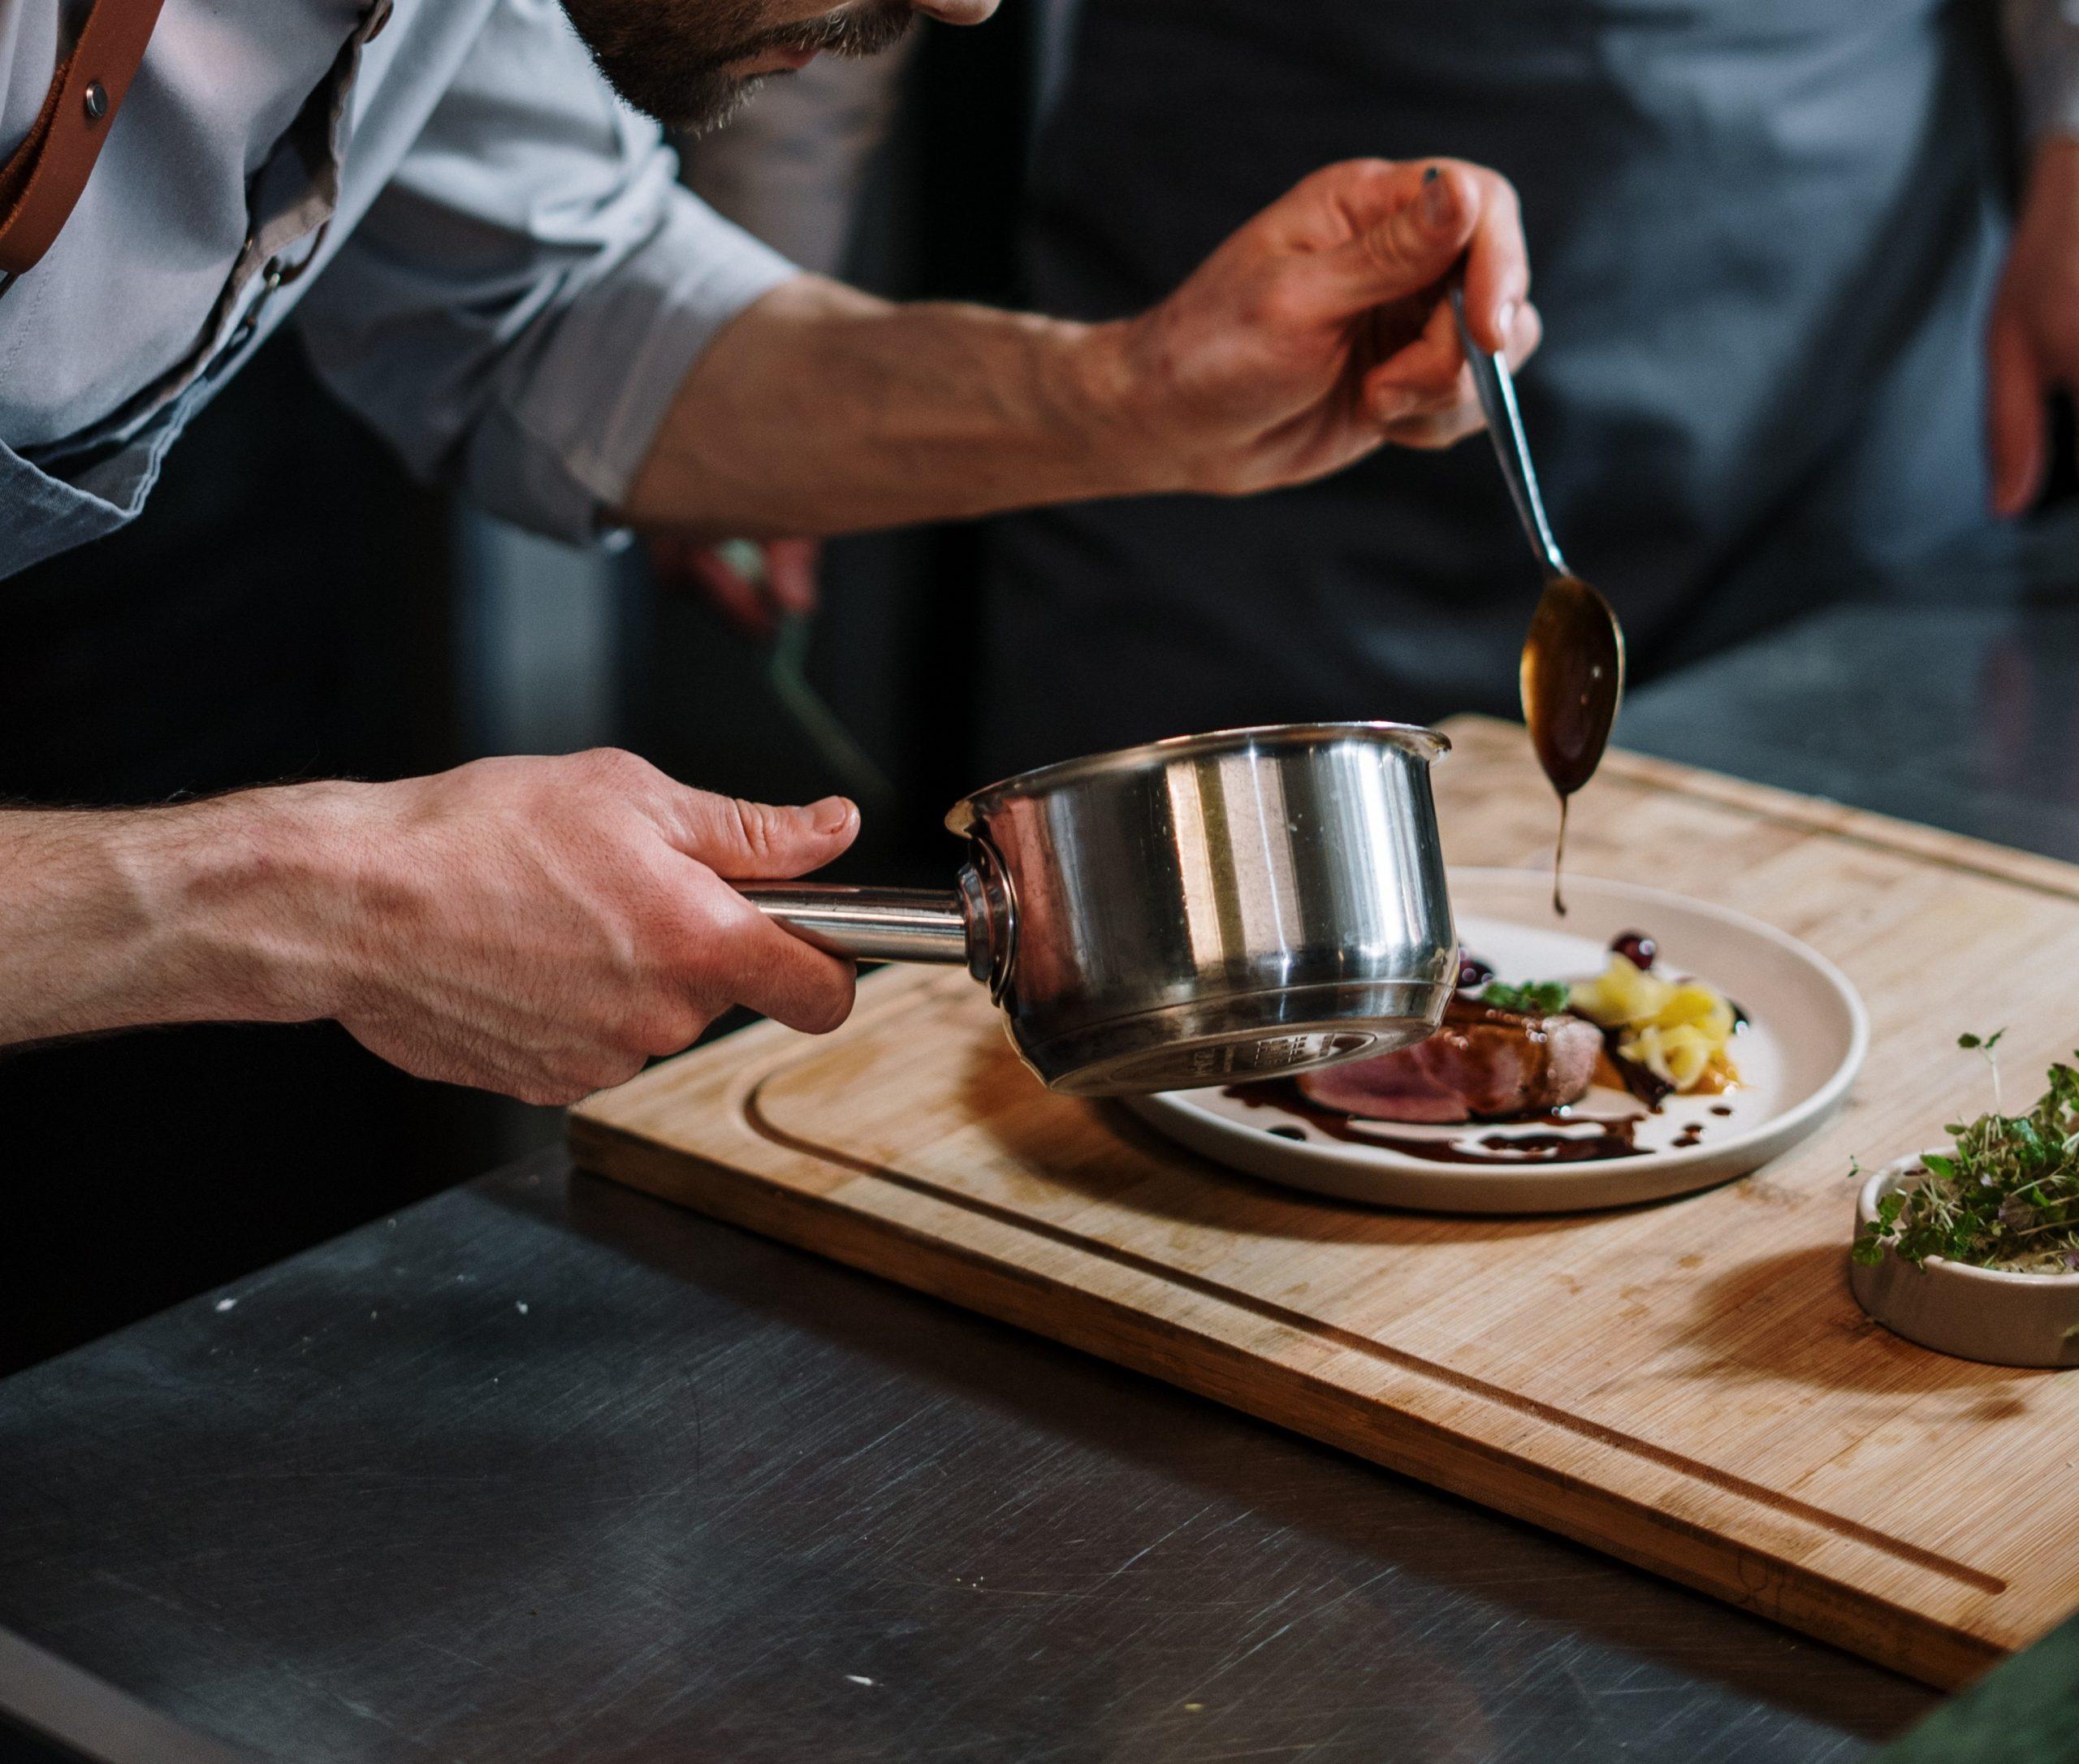 Gastronomieberatung, Koch richtet Teller in einer Küche an.